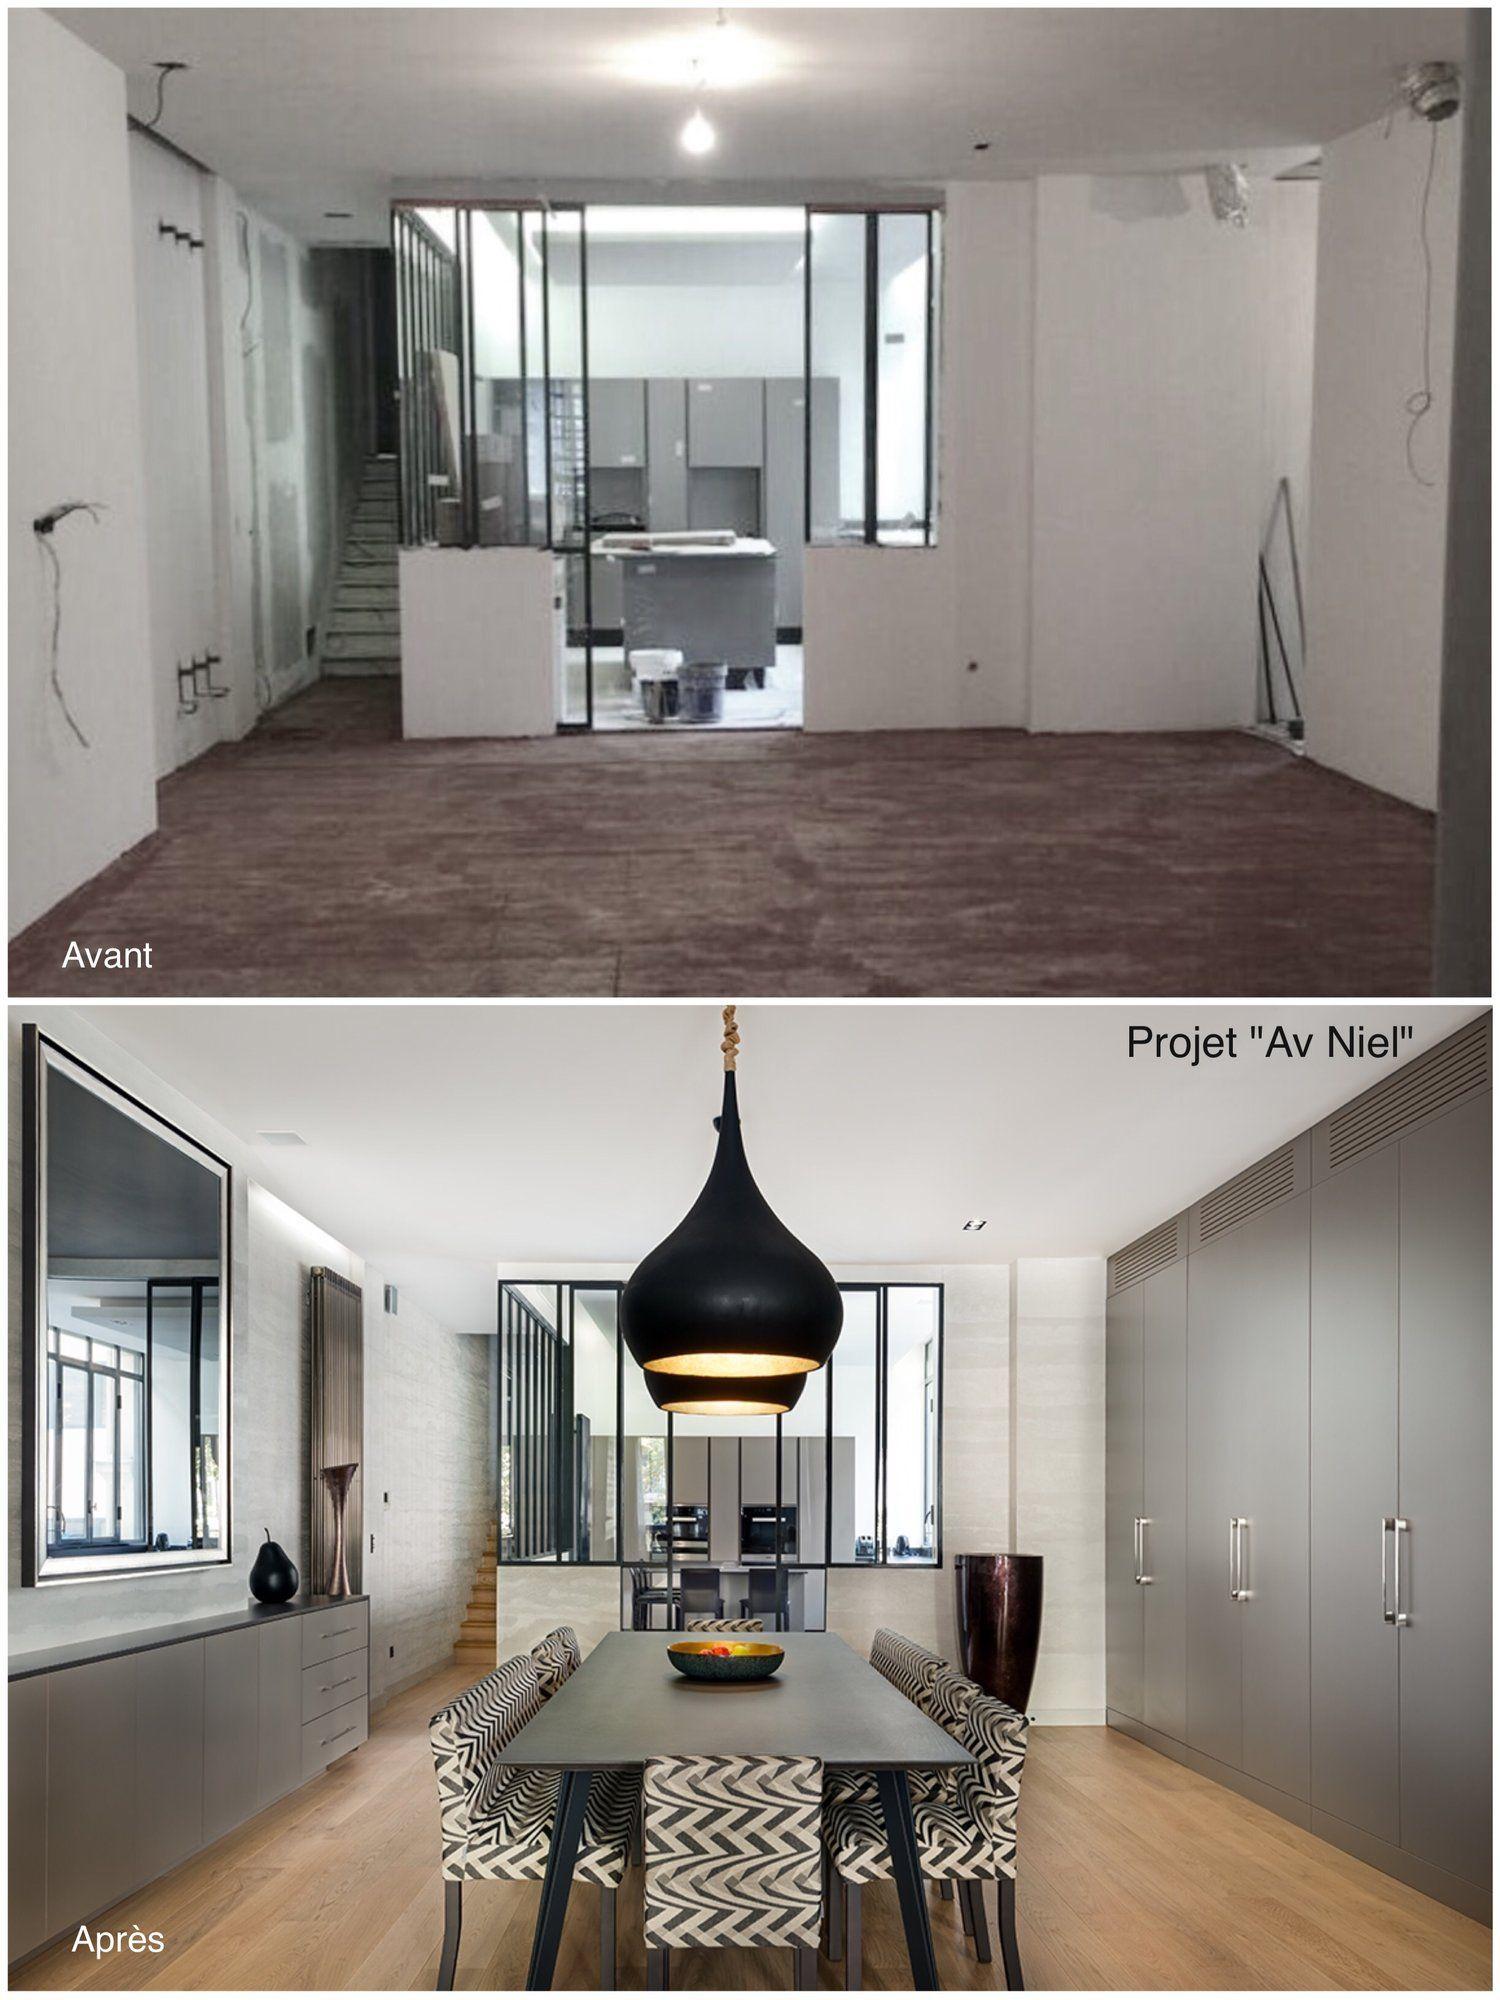 Epingle Par Alicia Auguin Sur Avant Apres En 2020 Interieur Design Deco Maison Amenagement Appartement